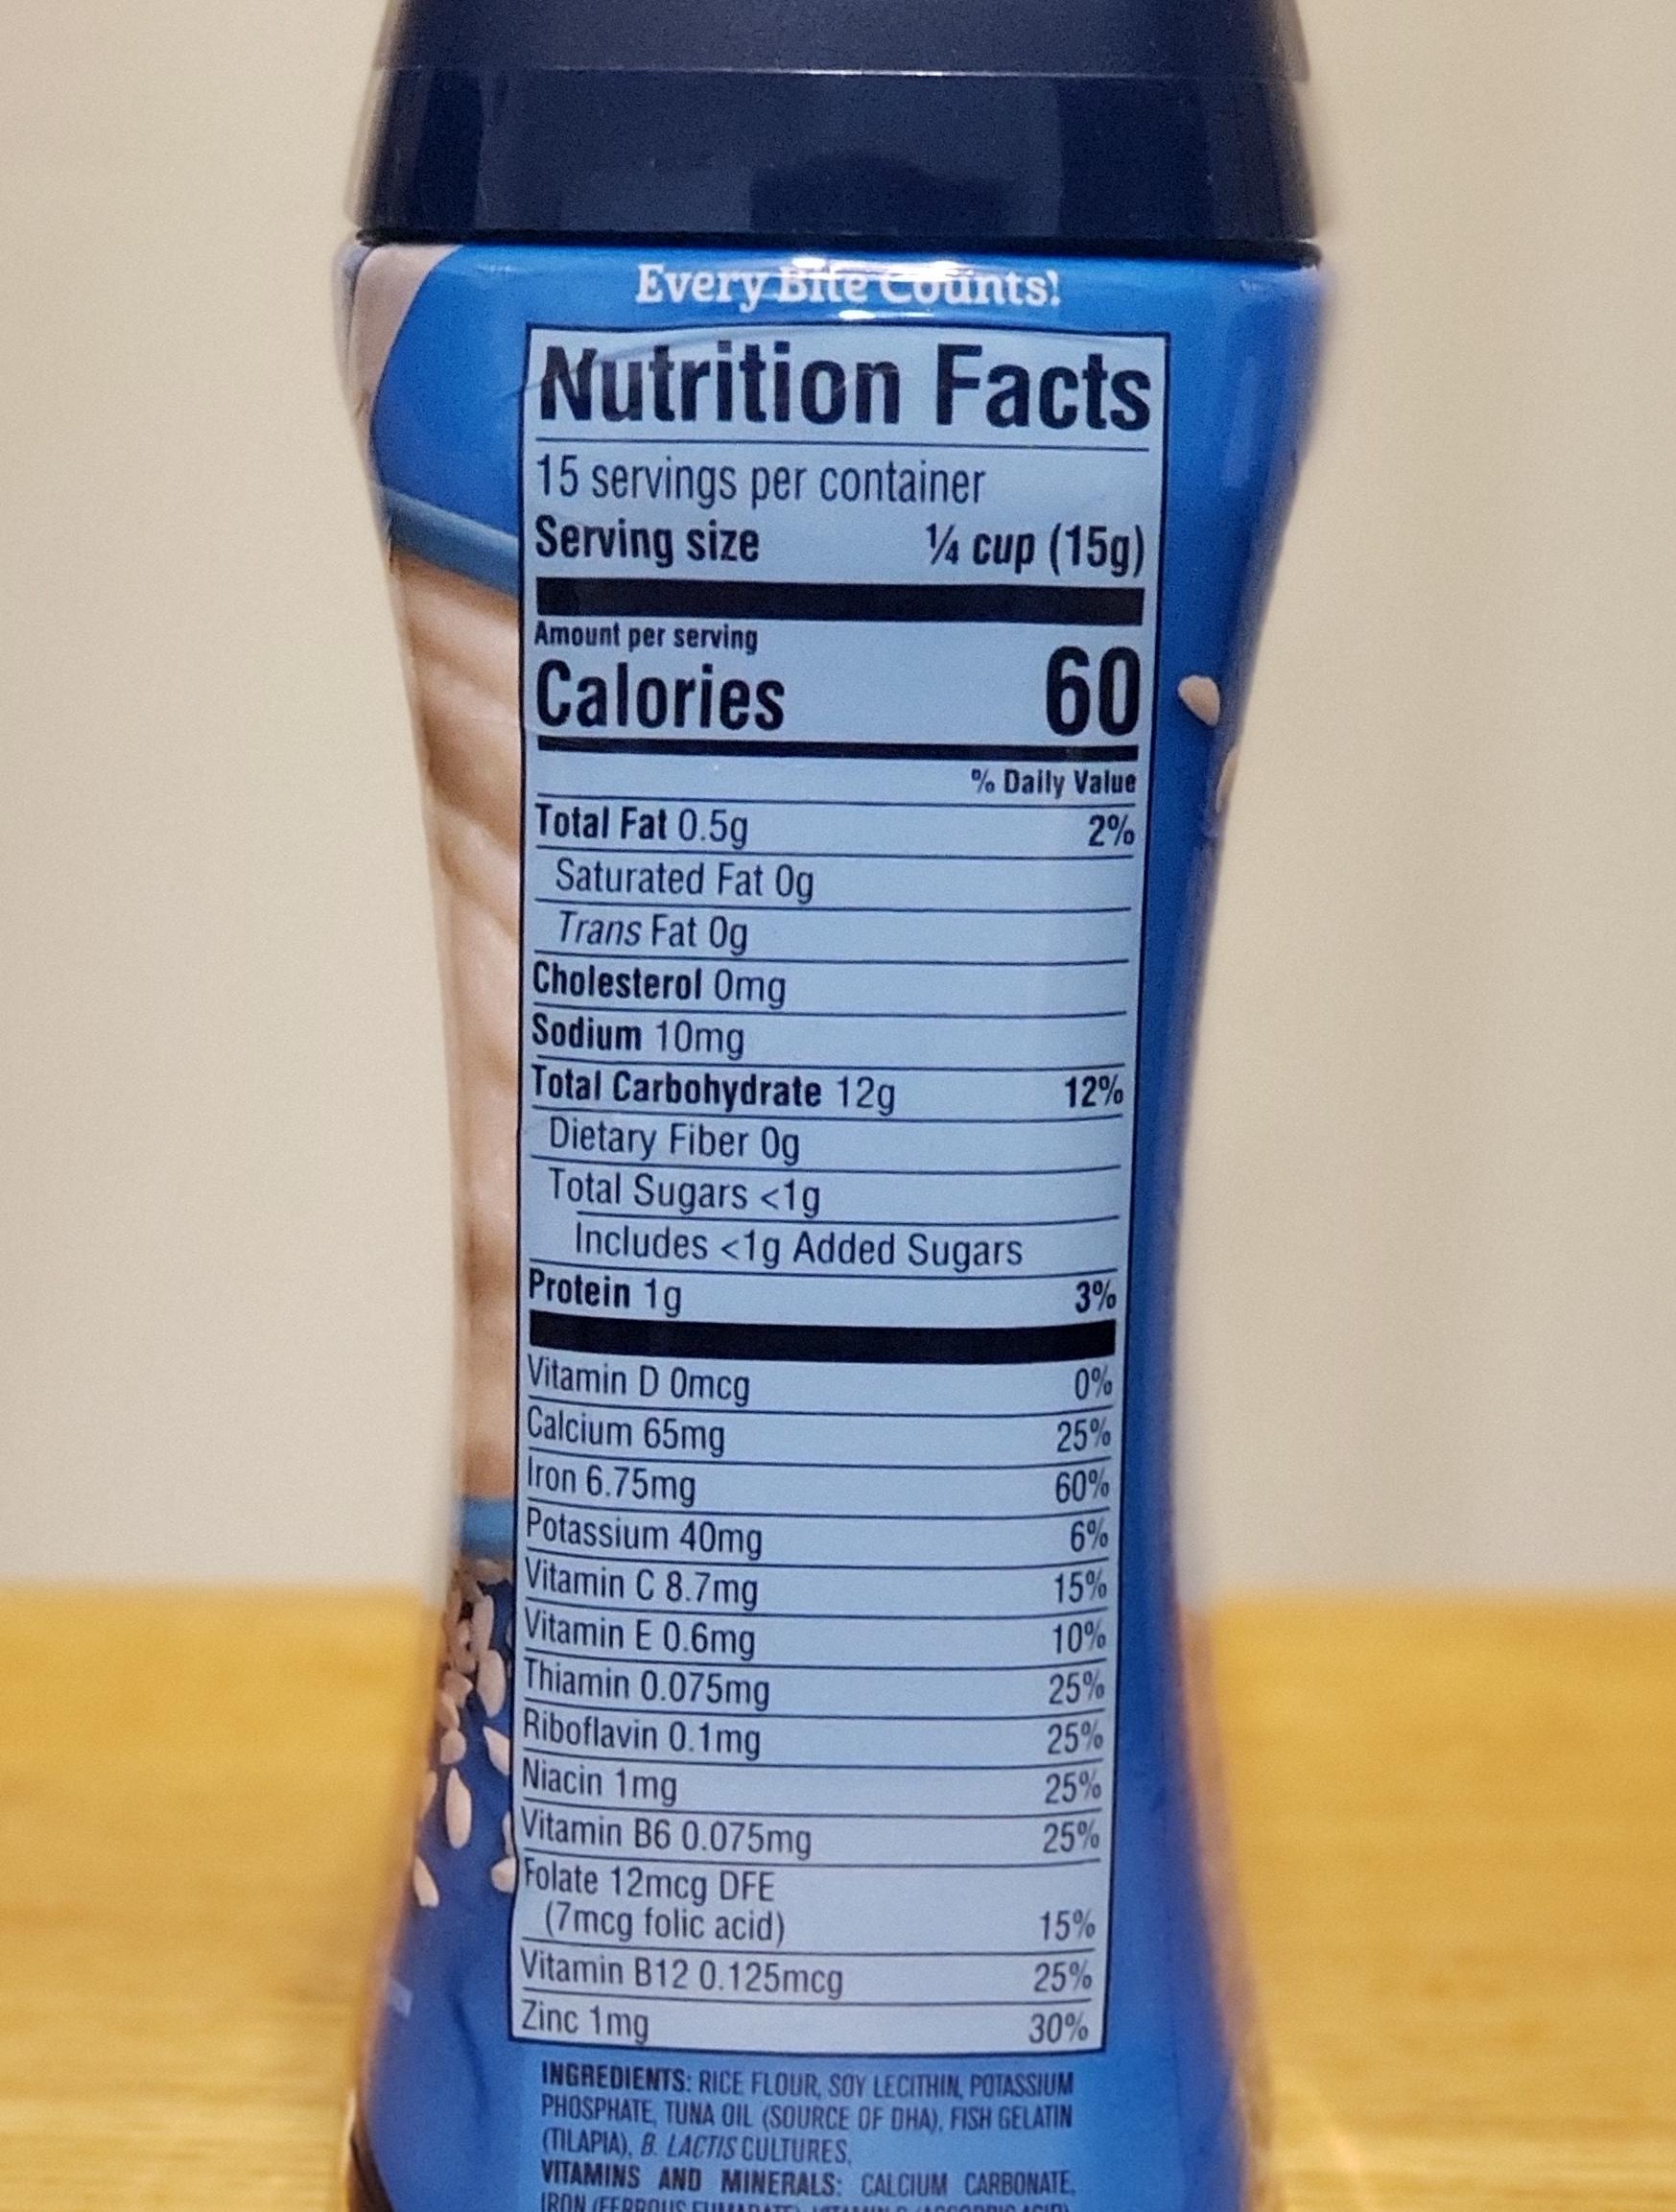 Gerberライスシリアルの側面に記載されている栄養表示